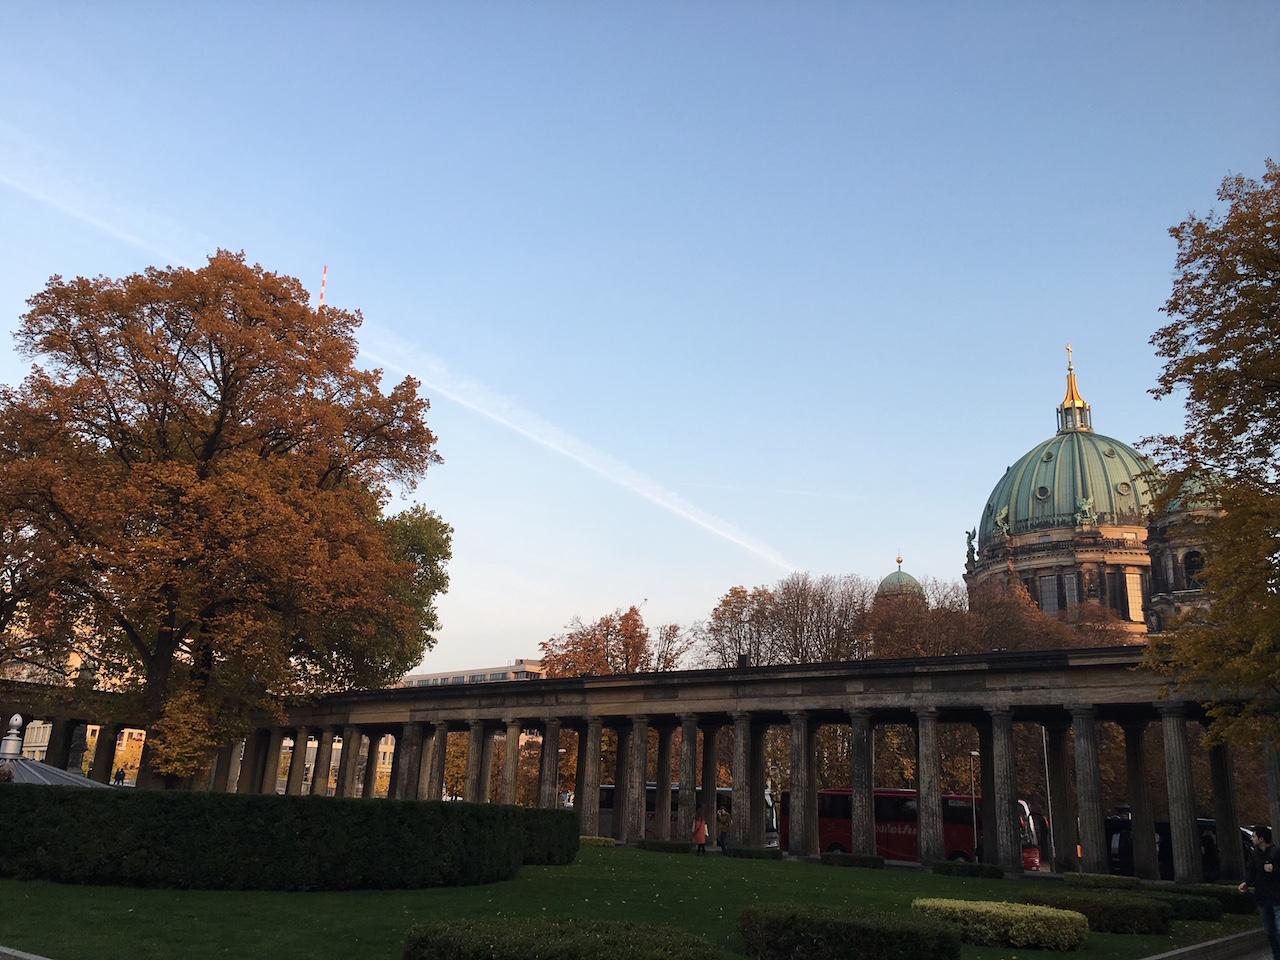 Vista do Dom - Ilha dos Museus - Berlim